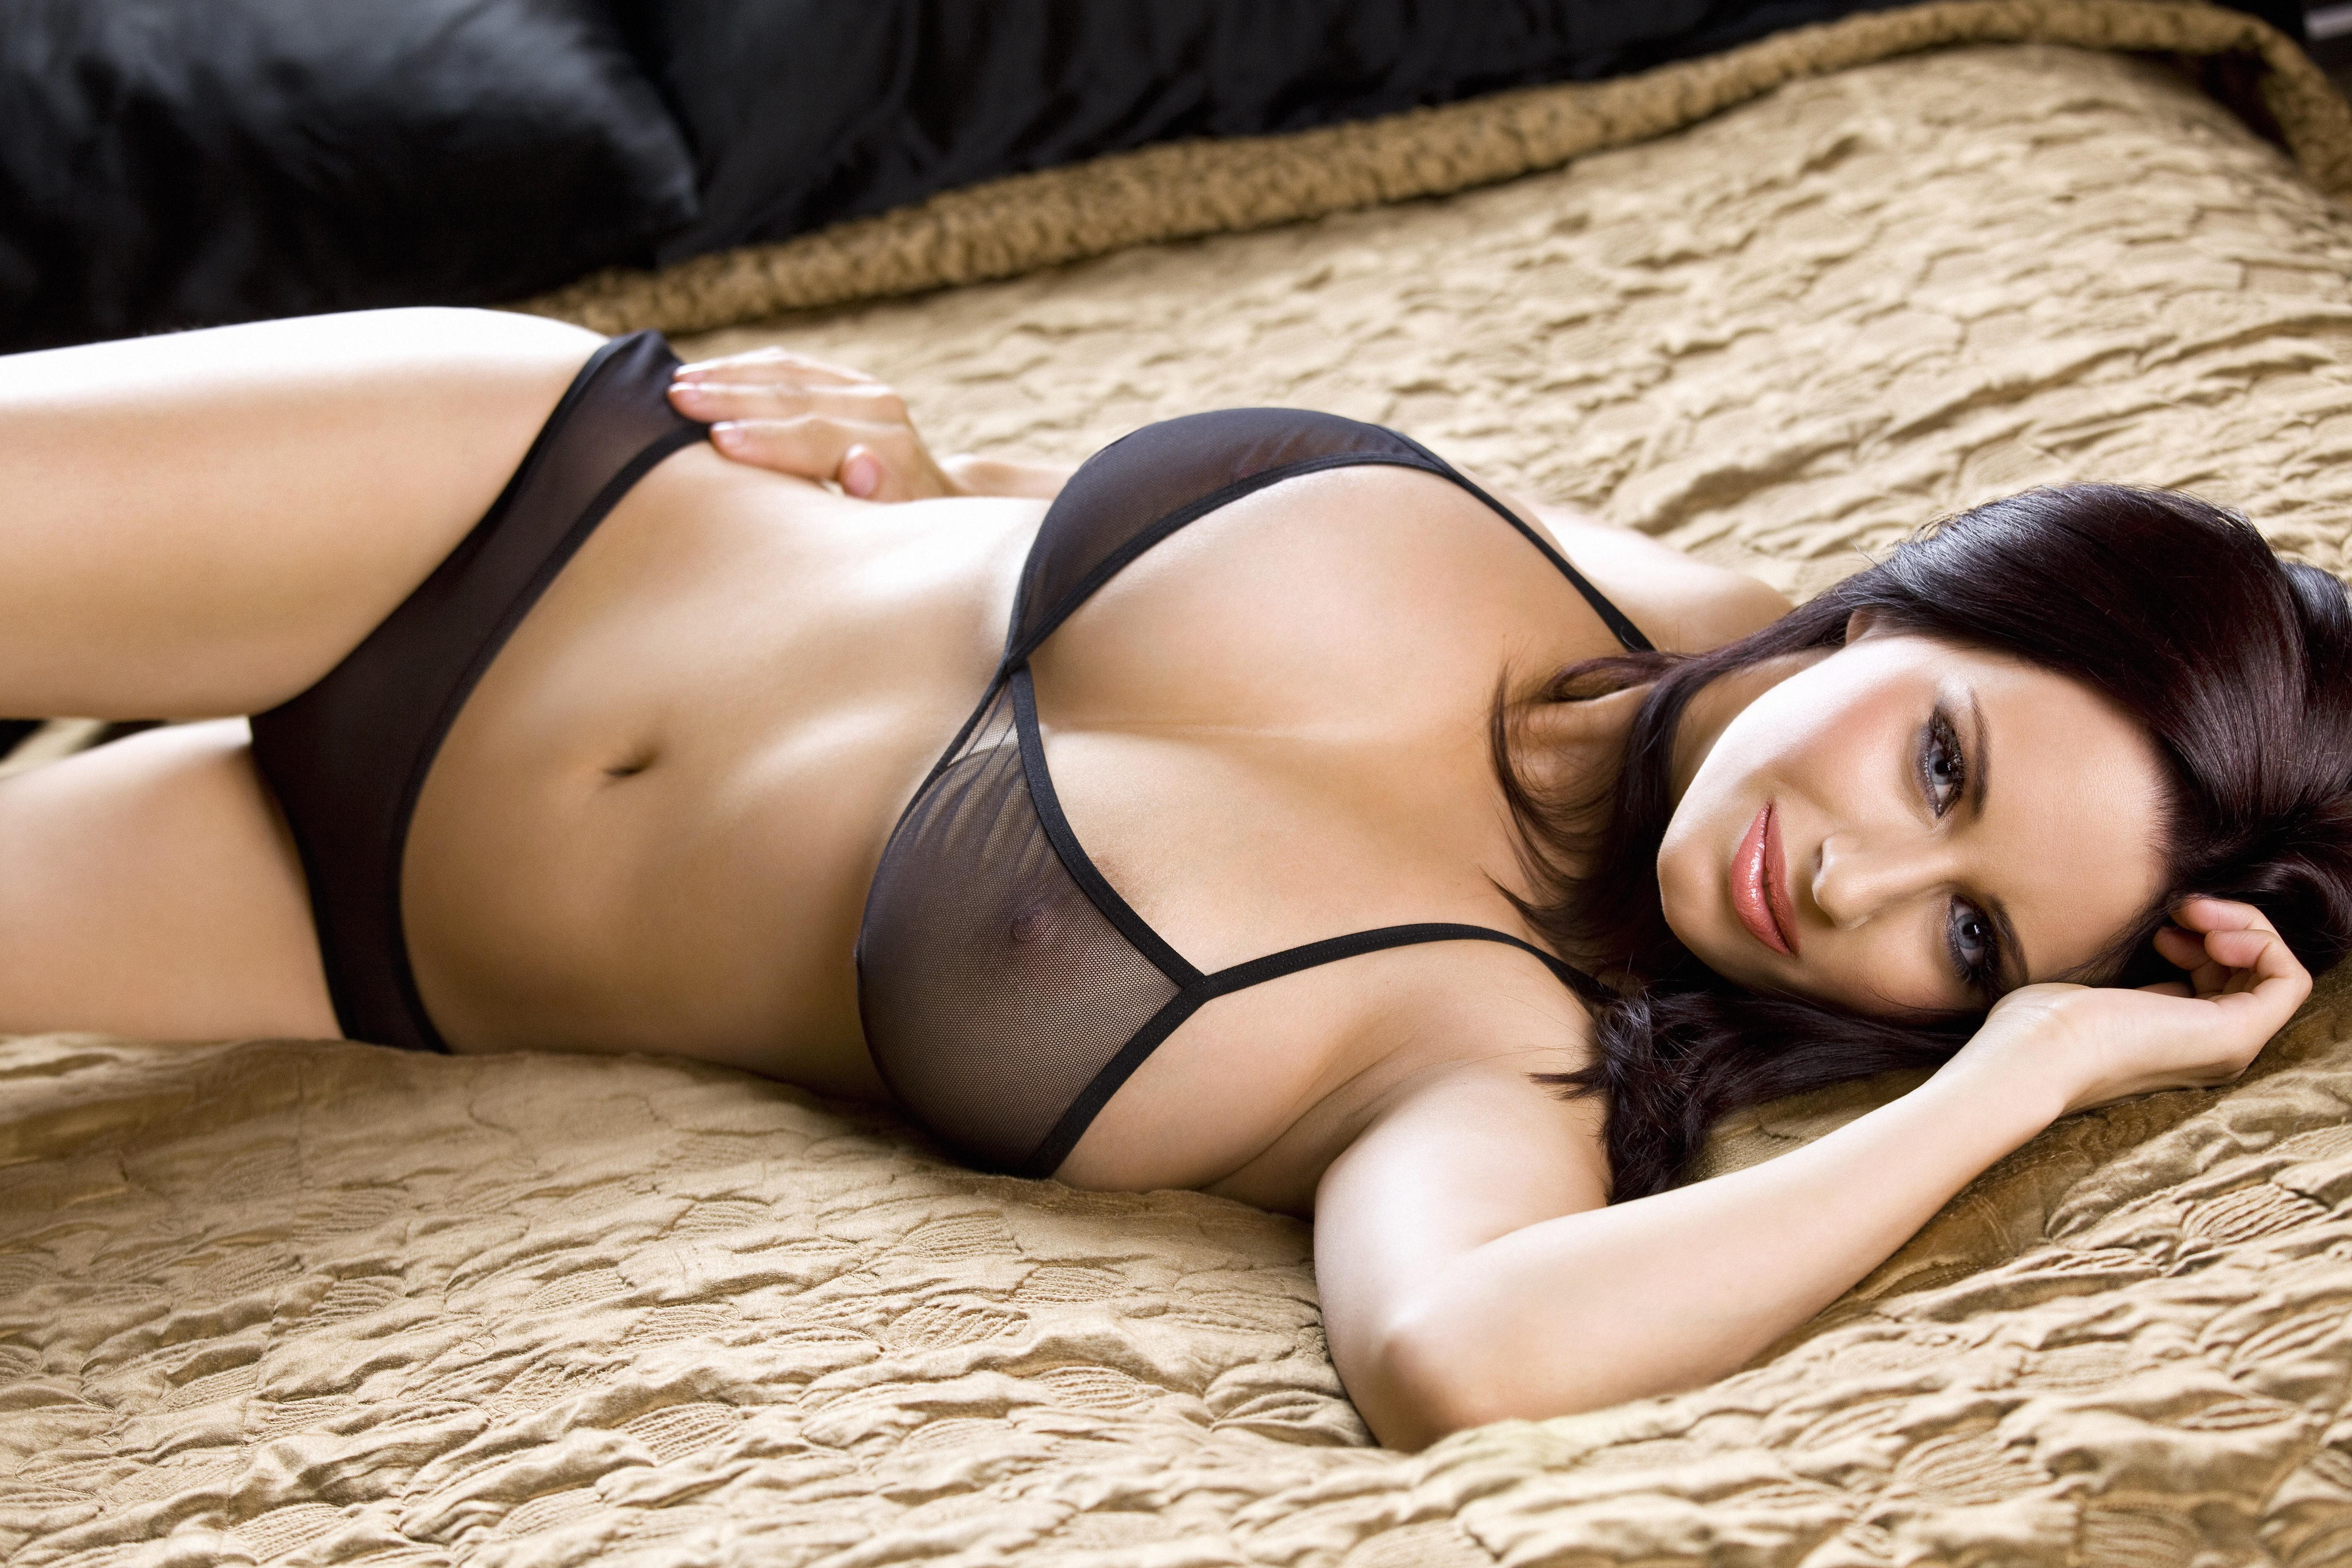 Самые красивые девушки мира эротическое фото 19 фотография